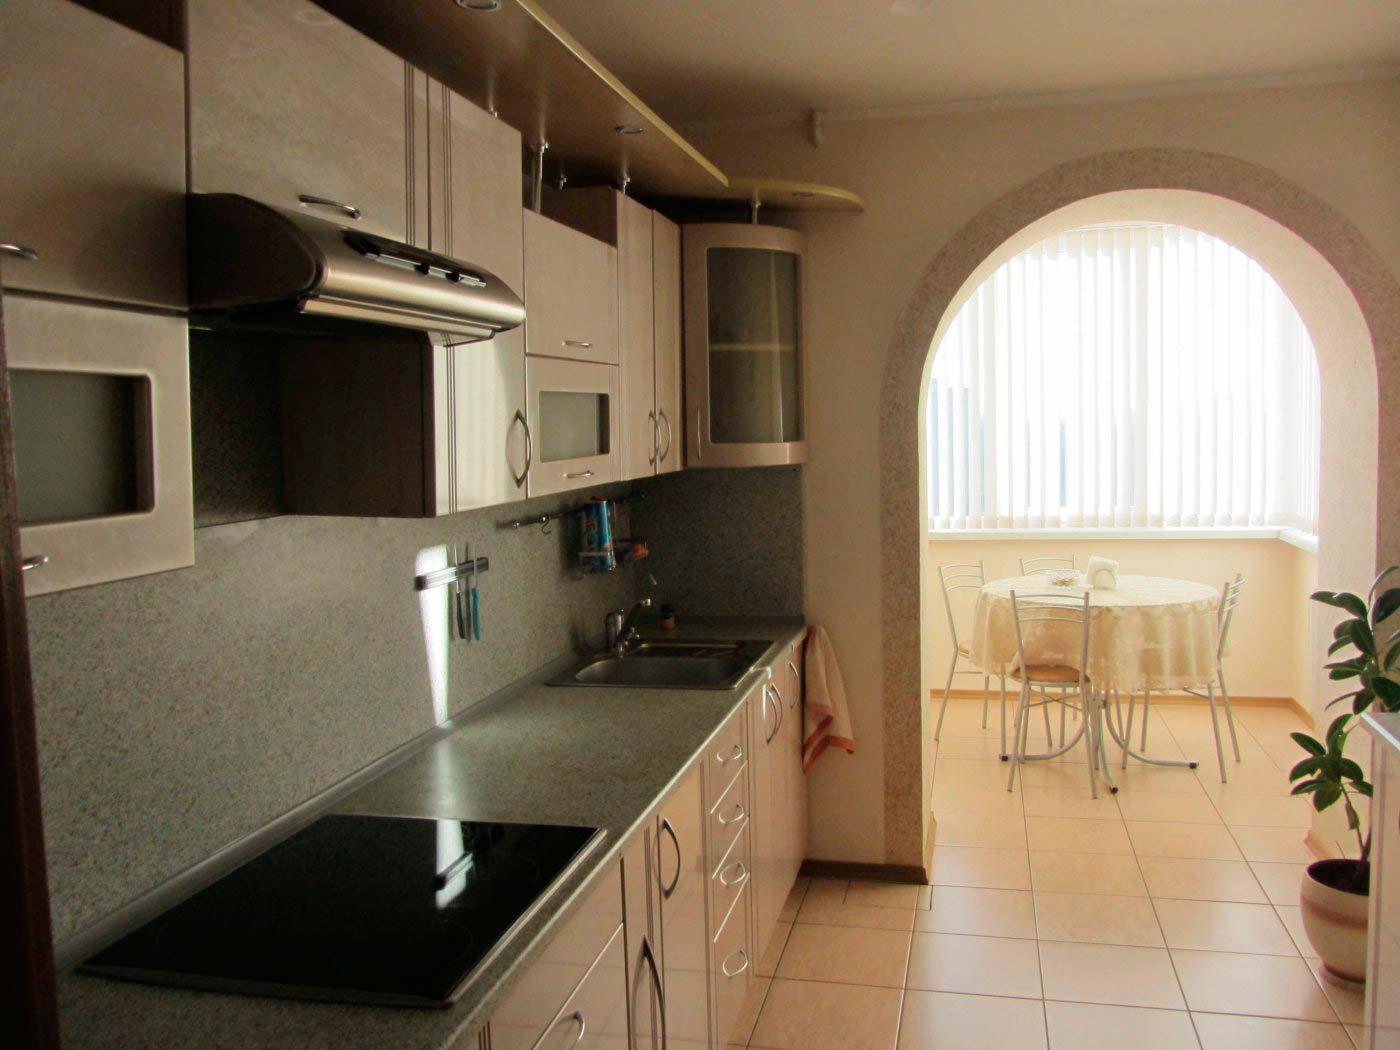 Дизайн кухни 9 кв. м: фото дизайна интерьера, обустройство к.